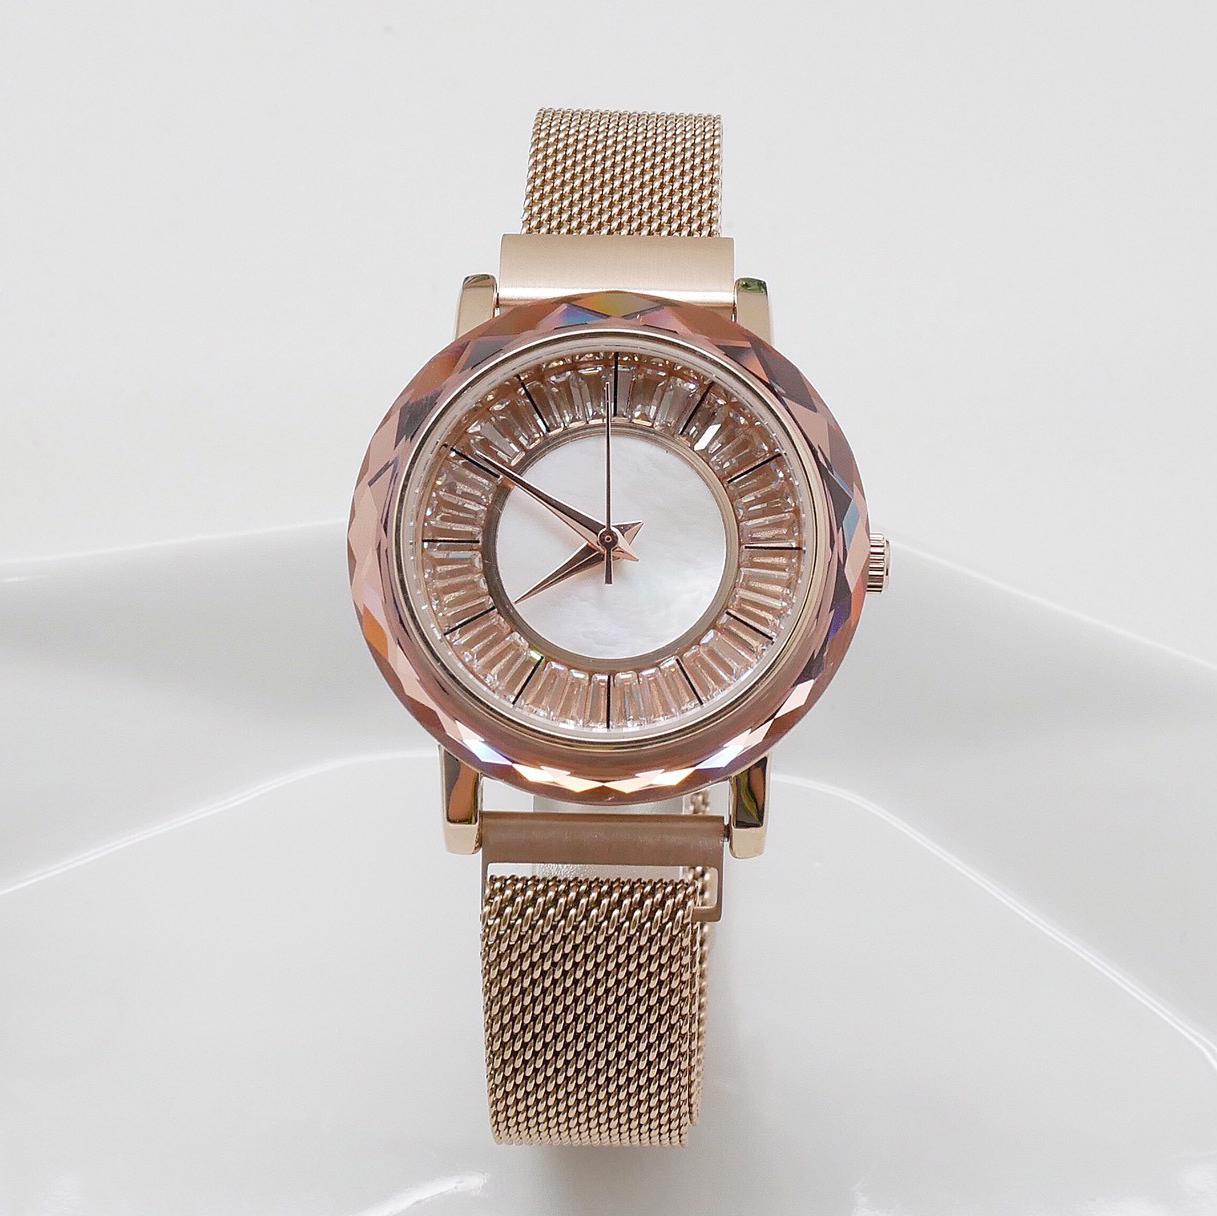 นาฬิกาข้อมือผู้หญิง MISHALI M19042A A